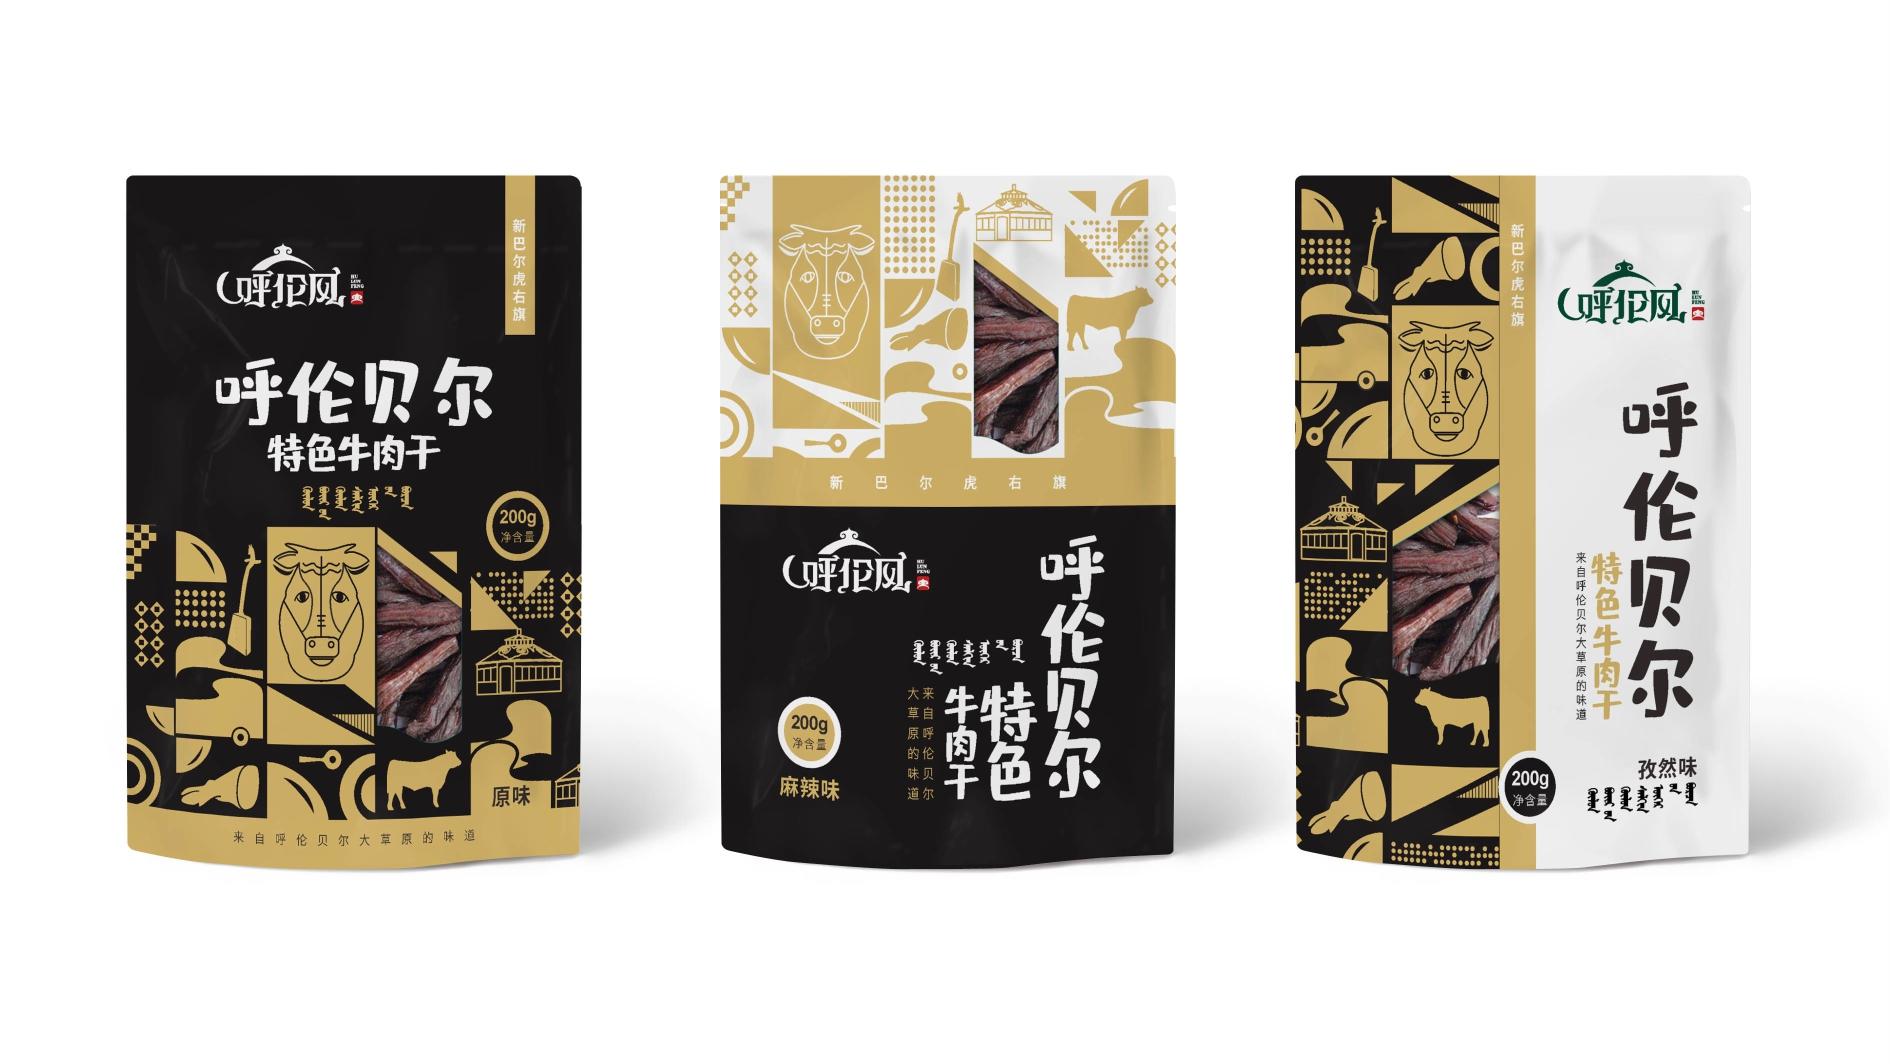 呼伦风牛肉干品牌包装设计